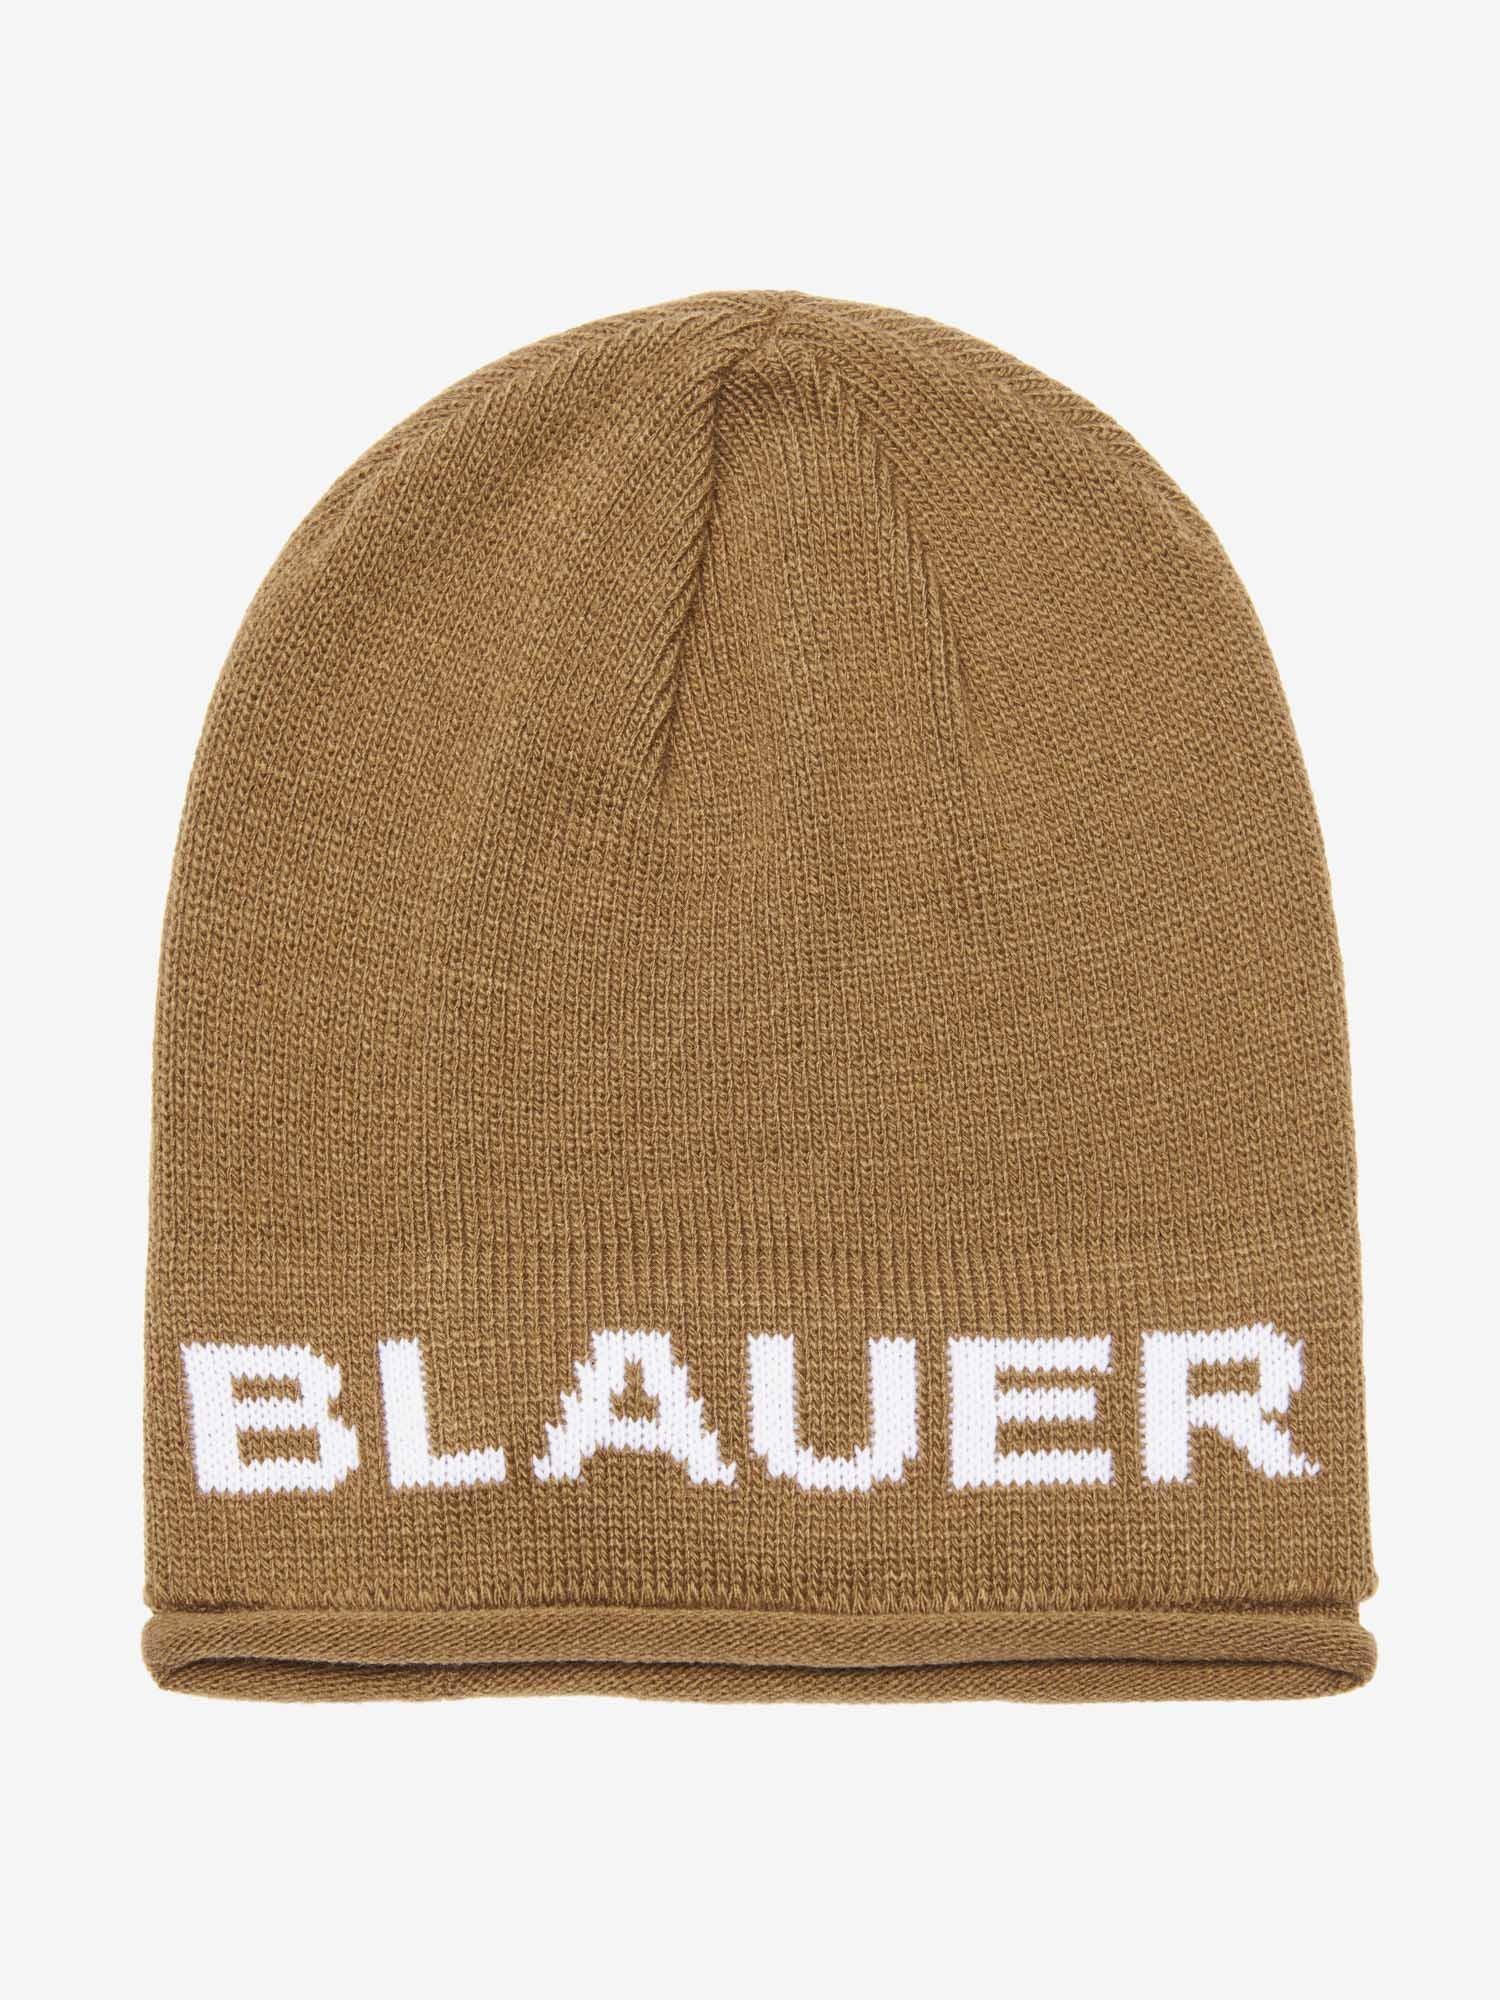 MÜTZE BLAUER - Blauer